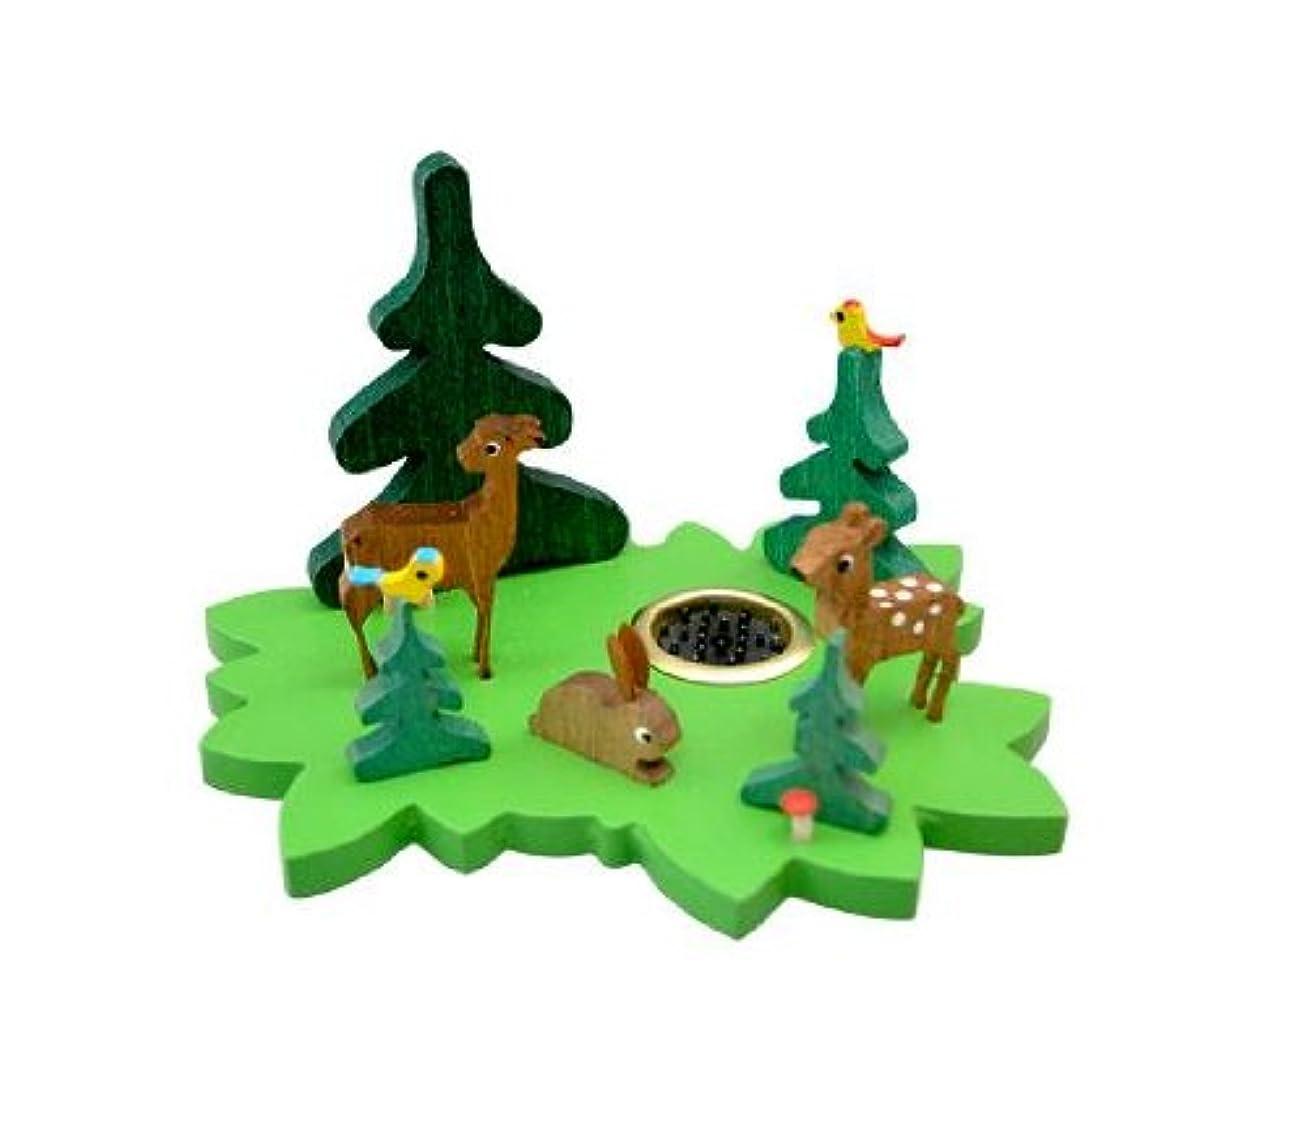 批判的に構造的人道的インセンススタンド 森の動物 グリーン